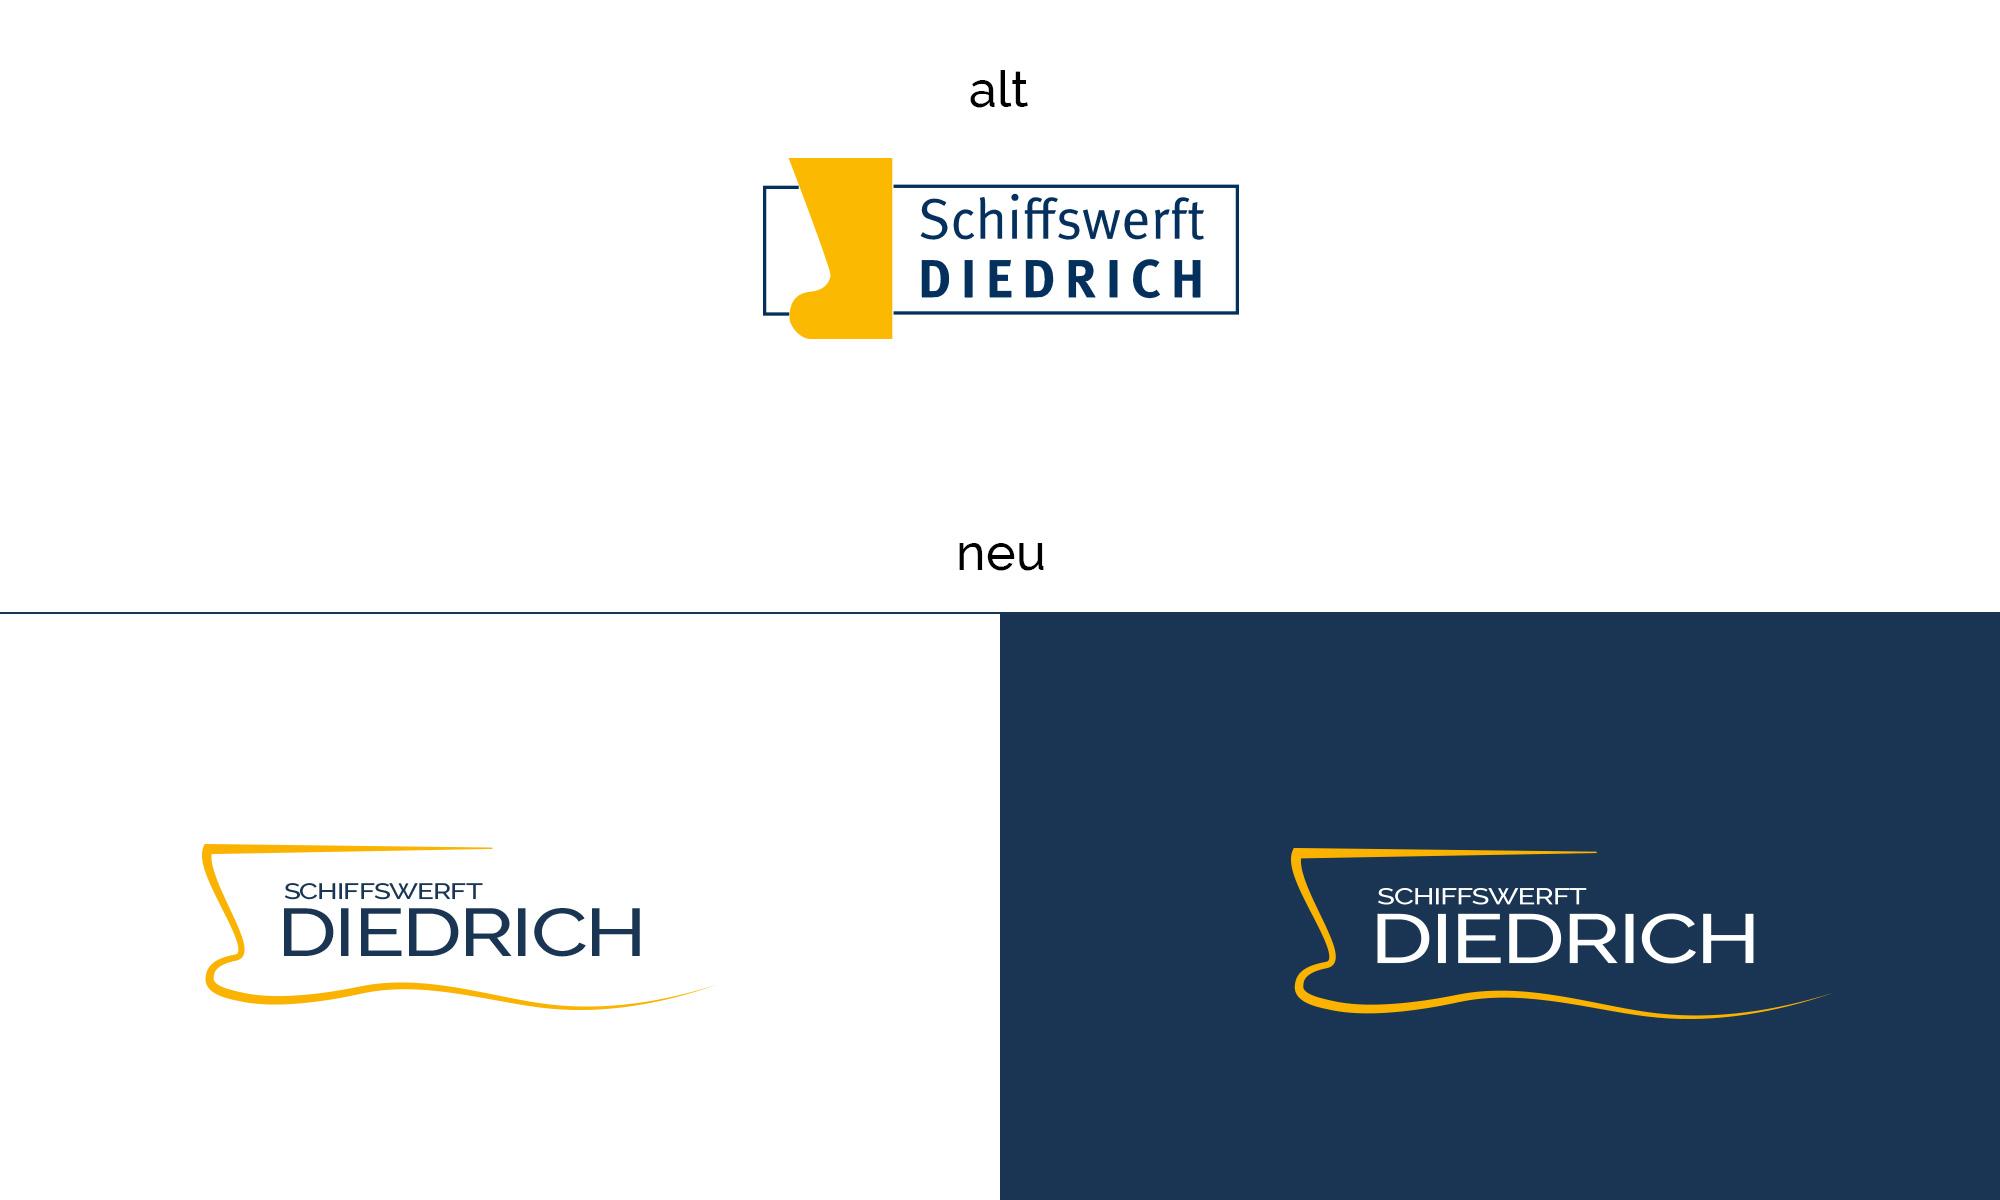 ref-diedrich-logo2